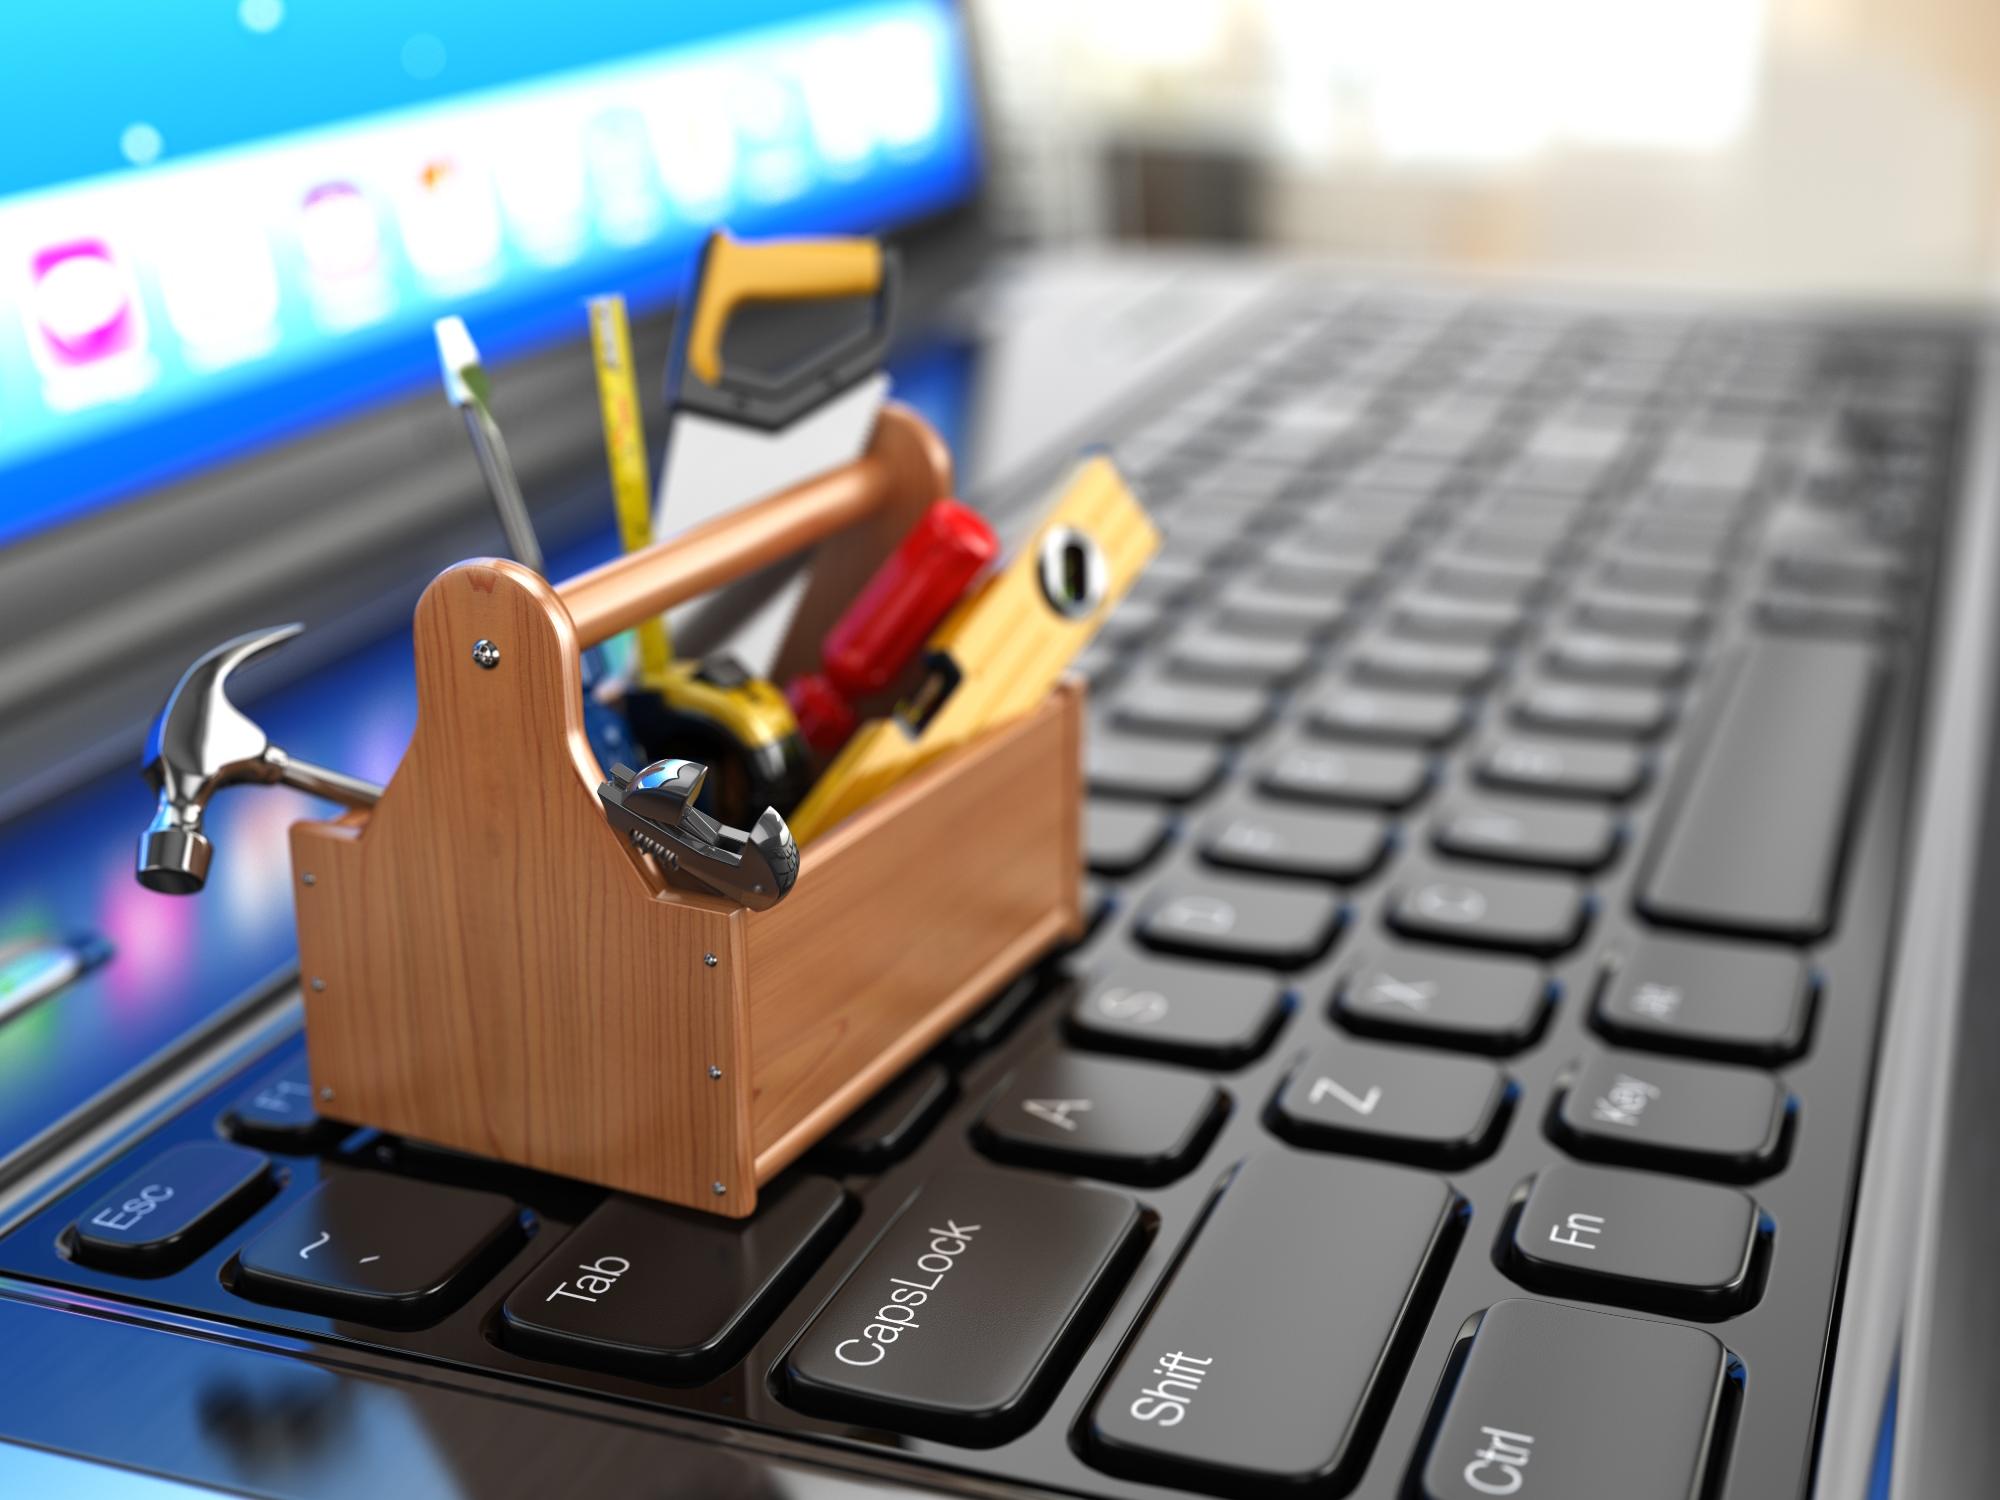 Pesquisa aponta: móveis lideram nas lojas físicas e objetos de decoração têm grande demanda no e-commerce